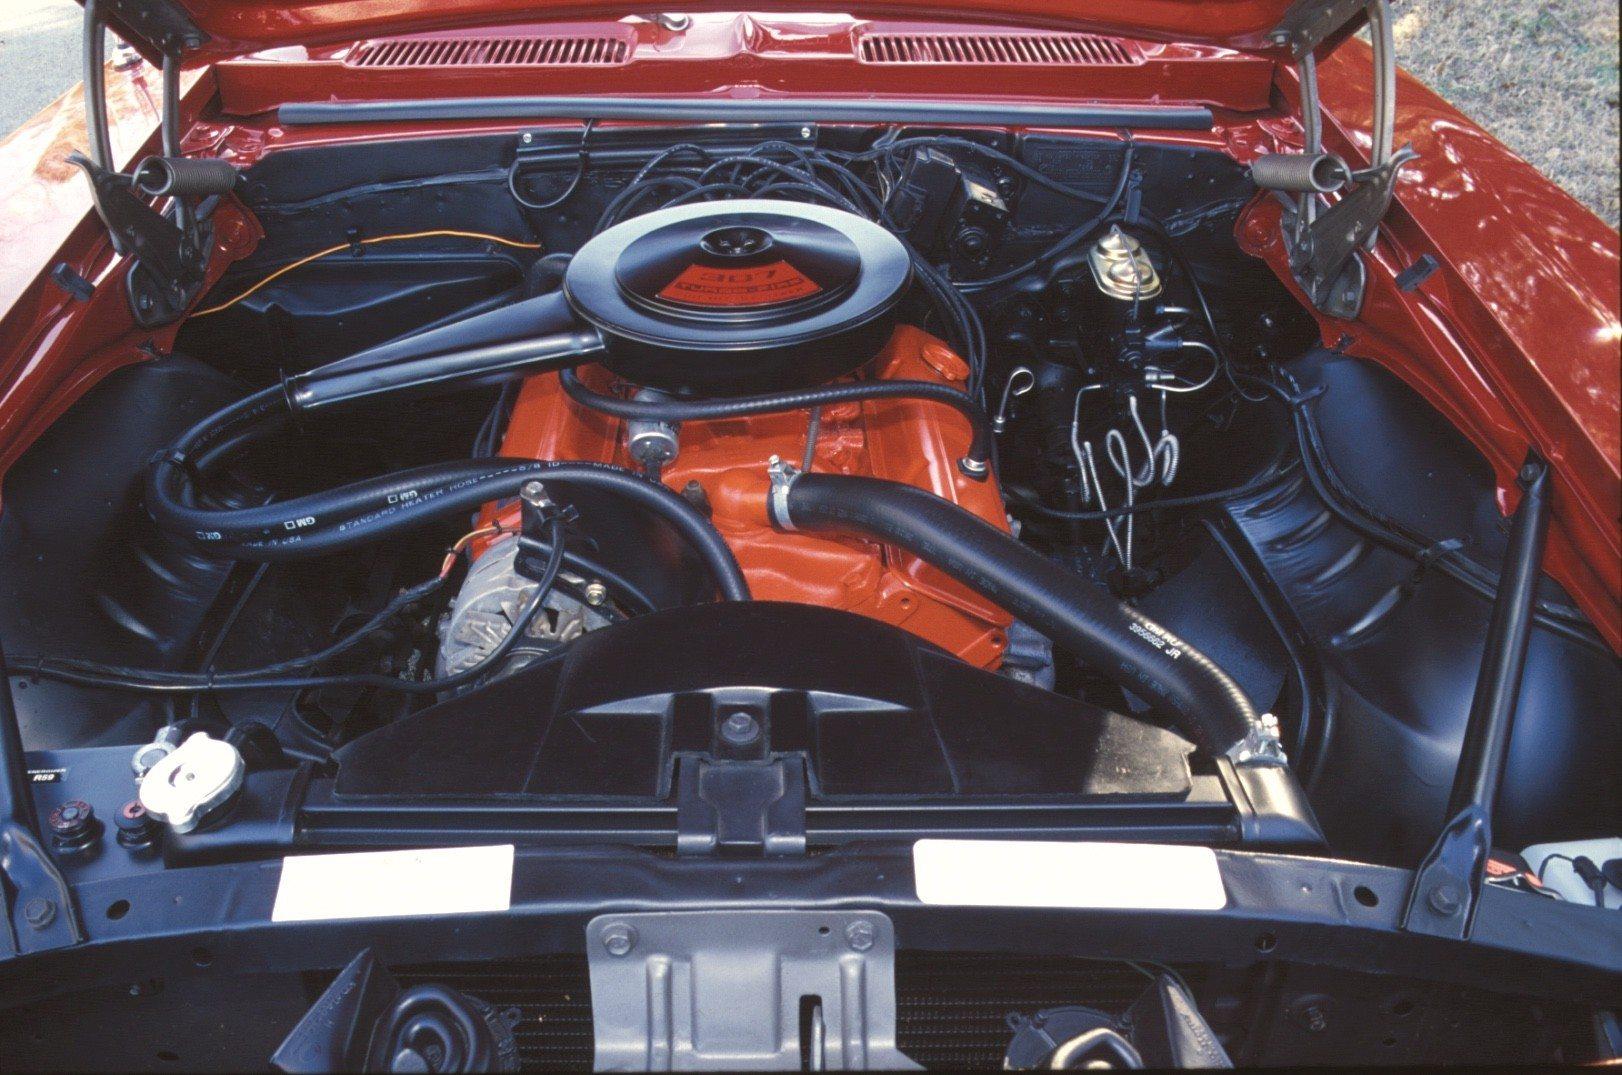 1969 Chevy Camaro 307 V8 Engine